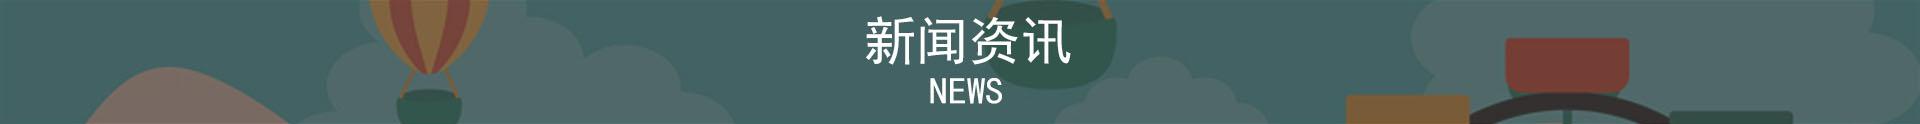 瑞佳游乐新闻资讯